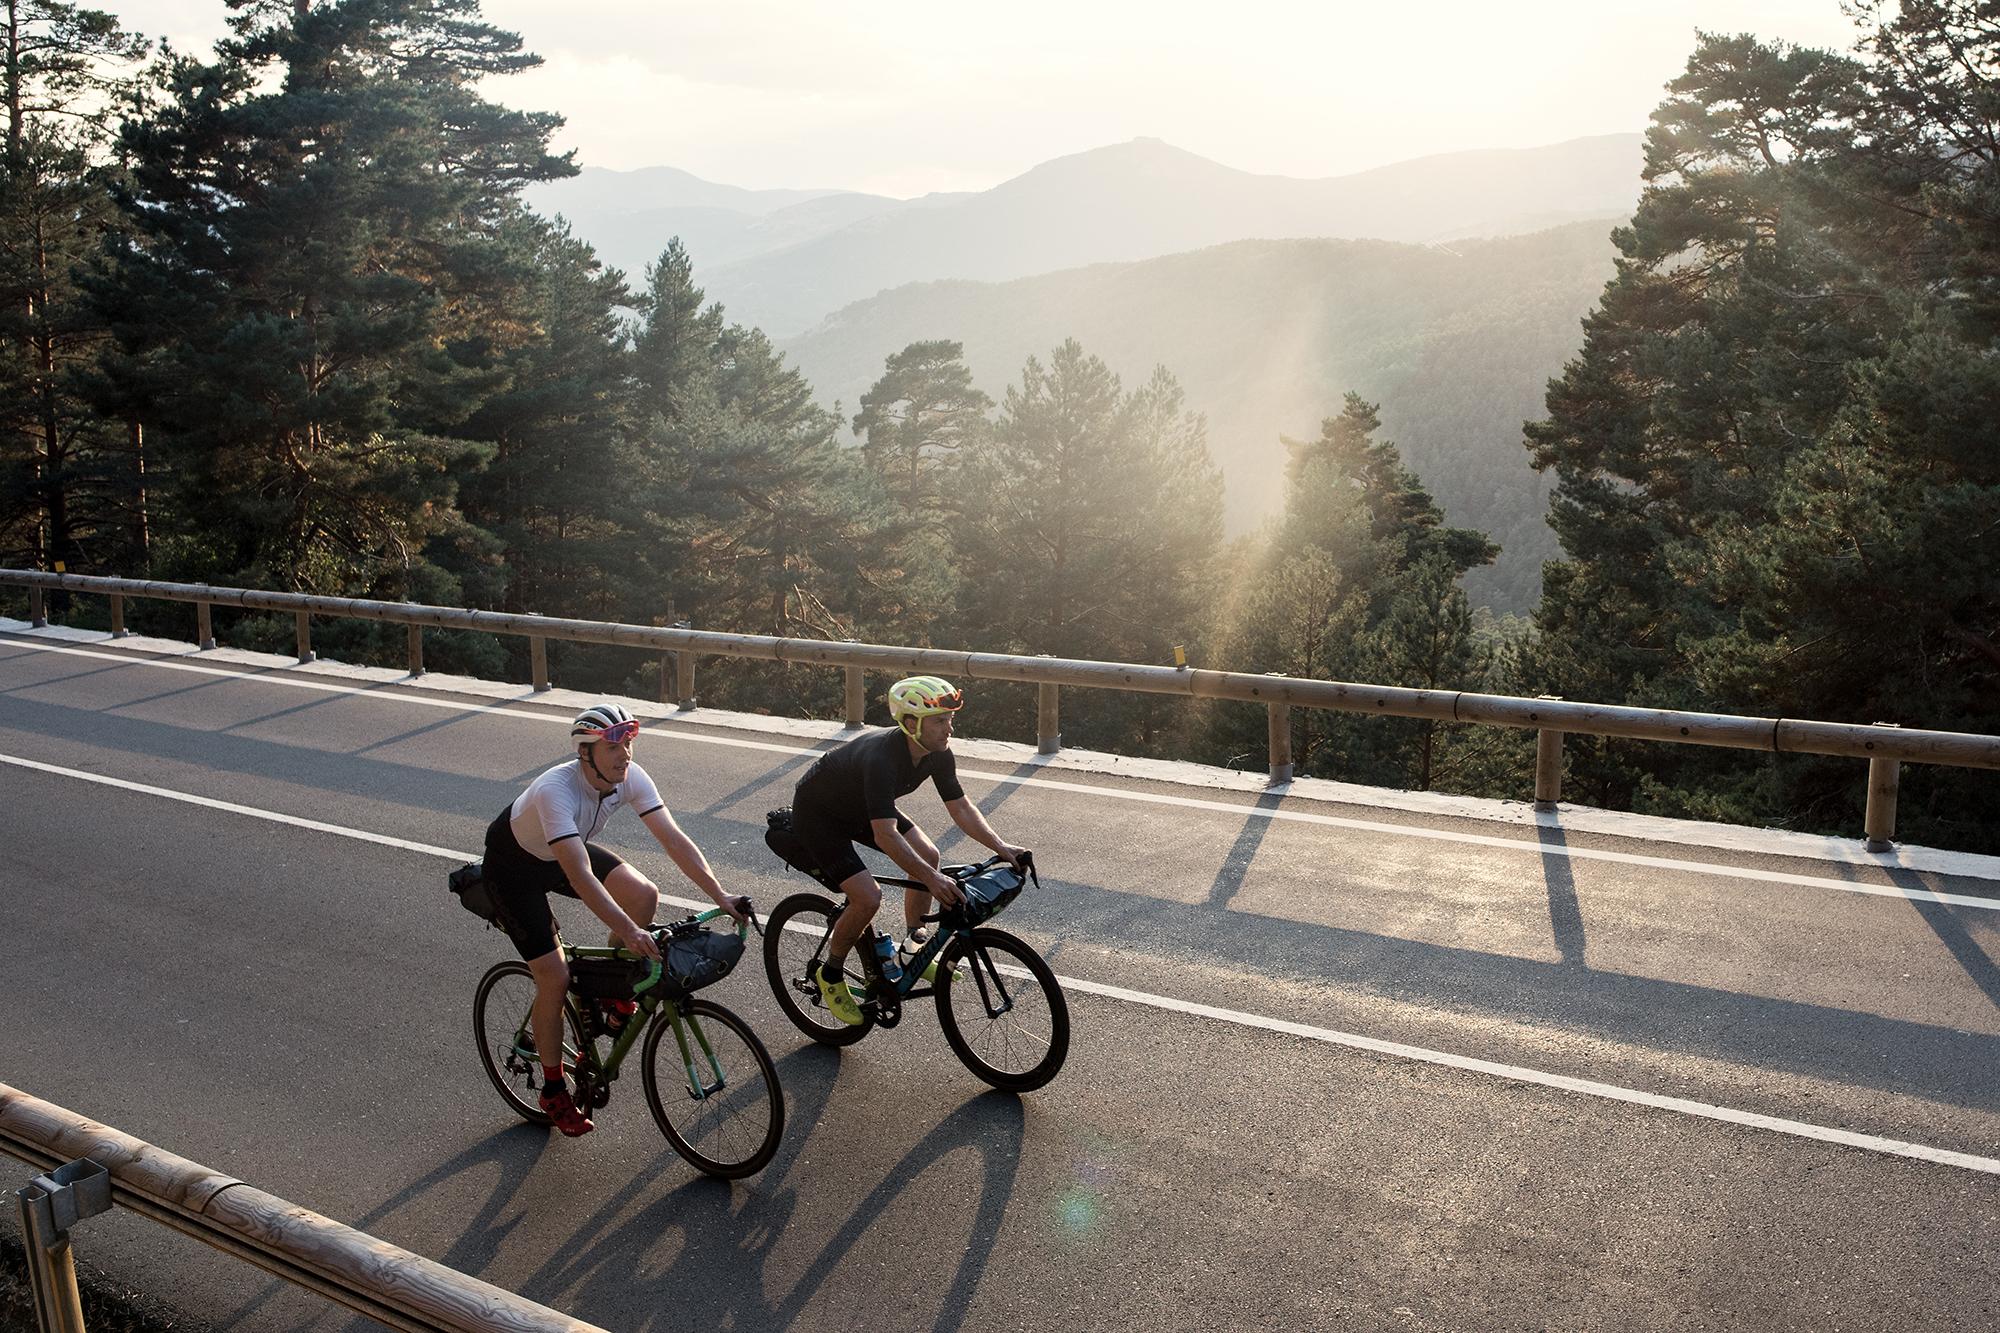 Der Traum vom Bikepacking. Photo by Matt Grayson